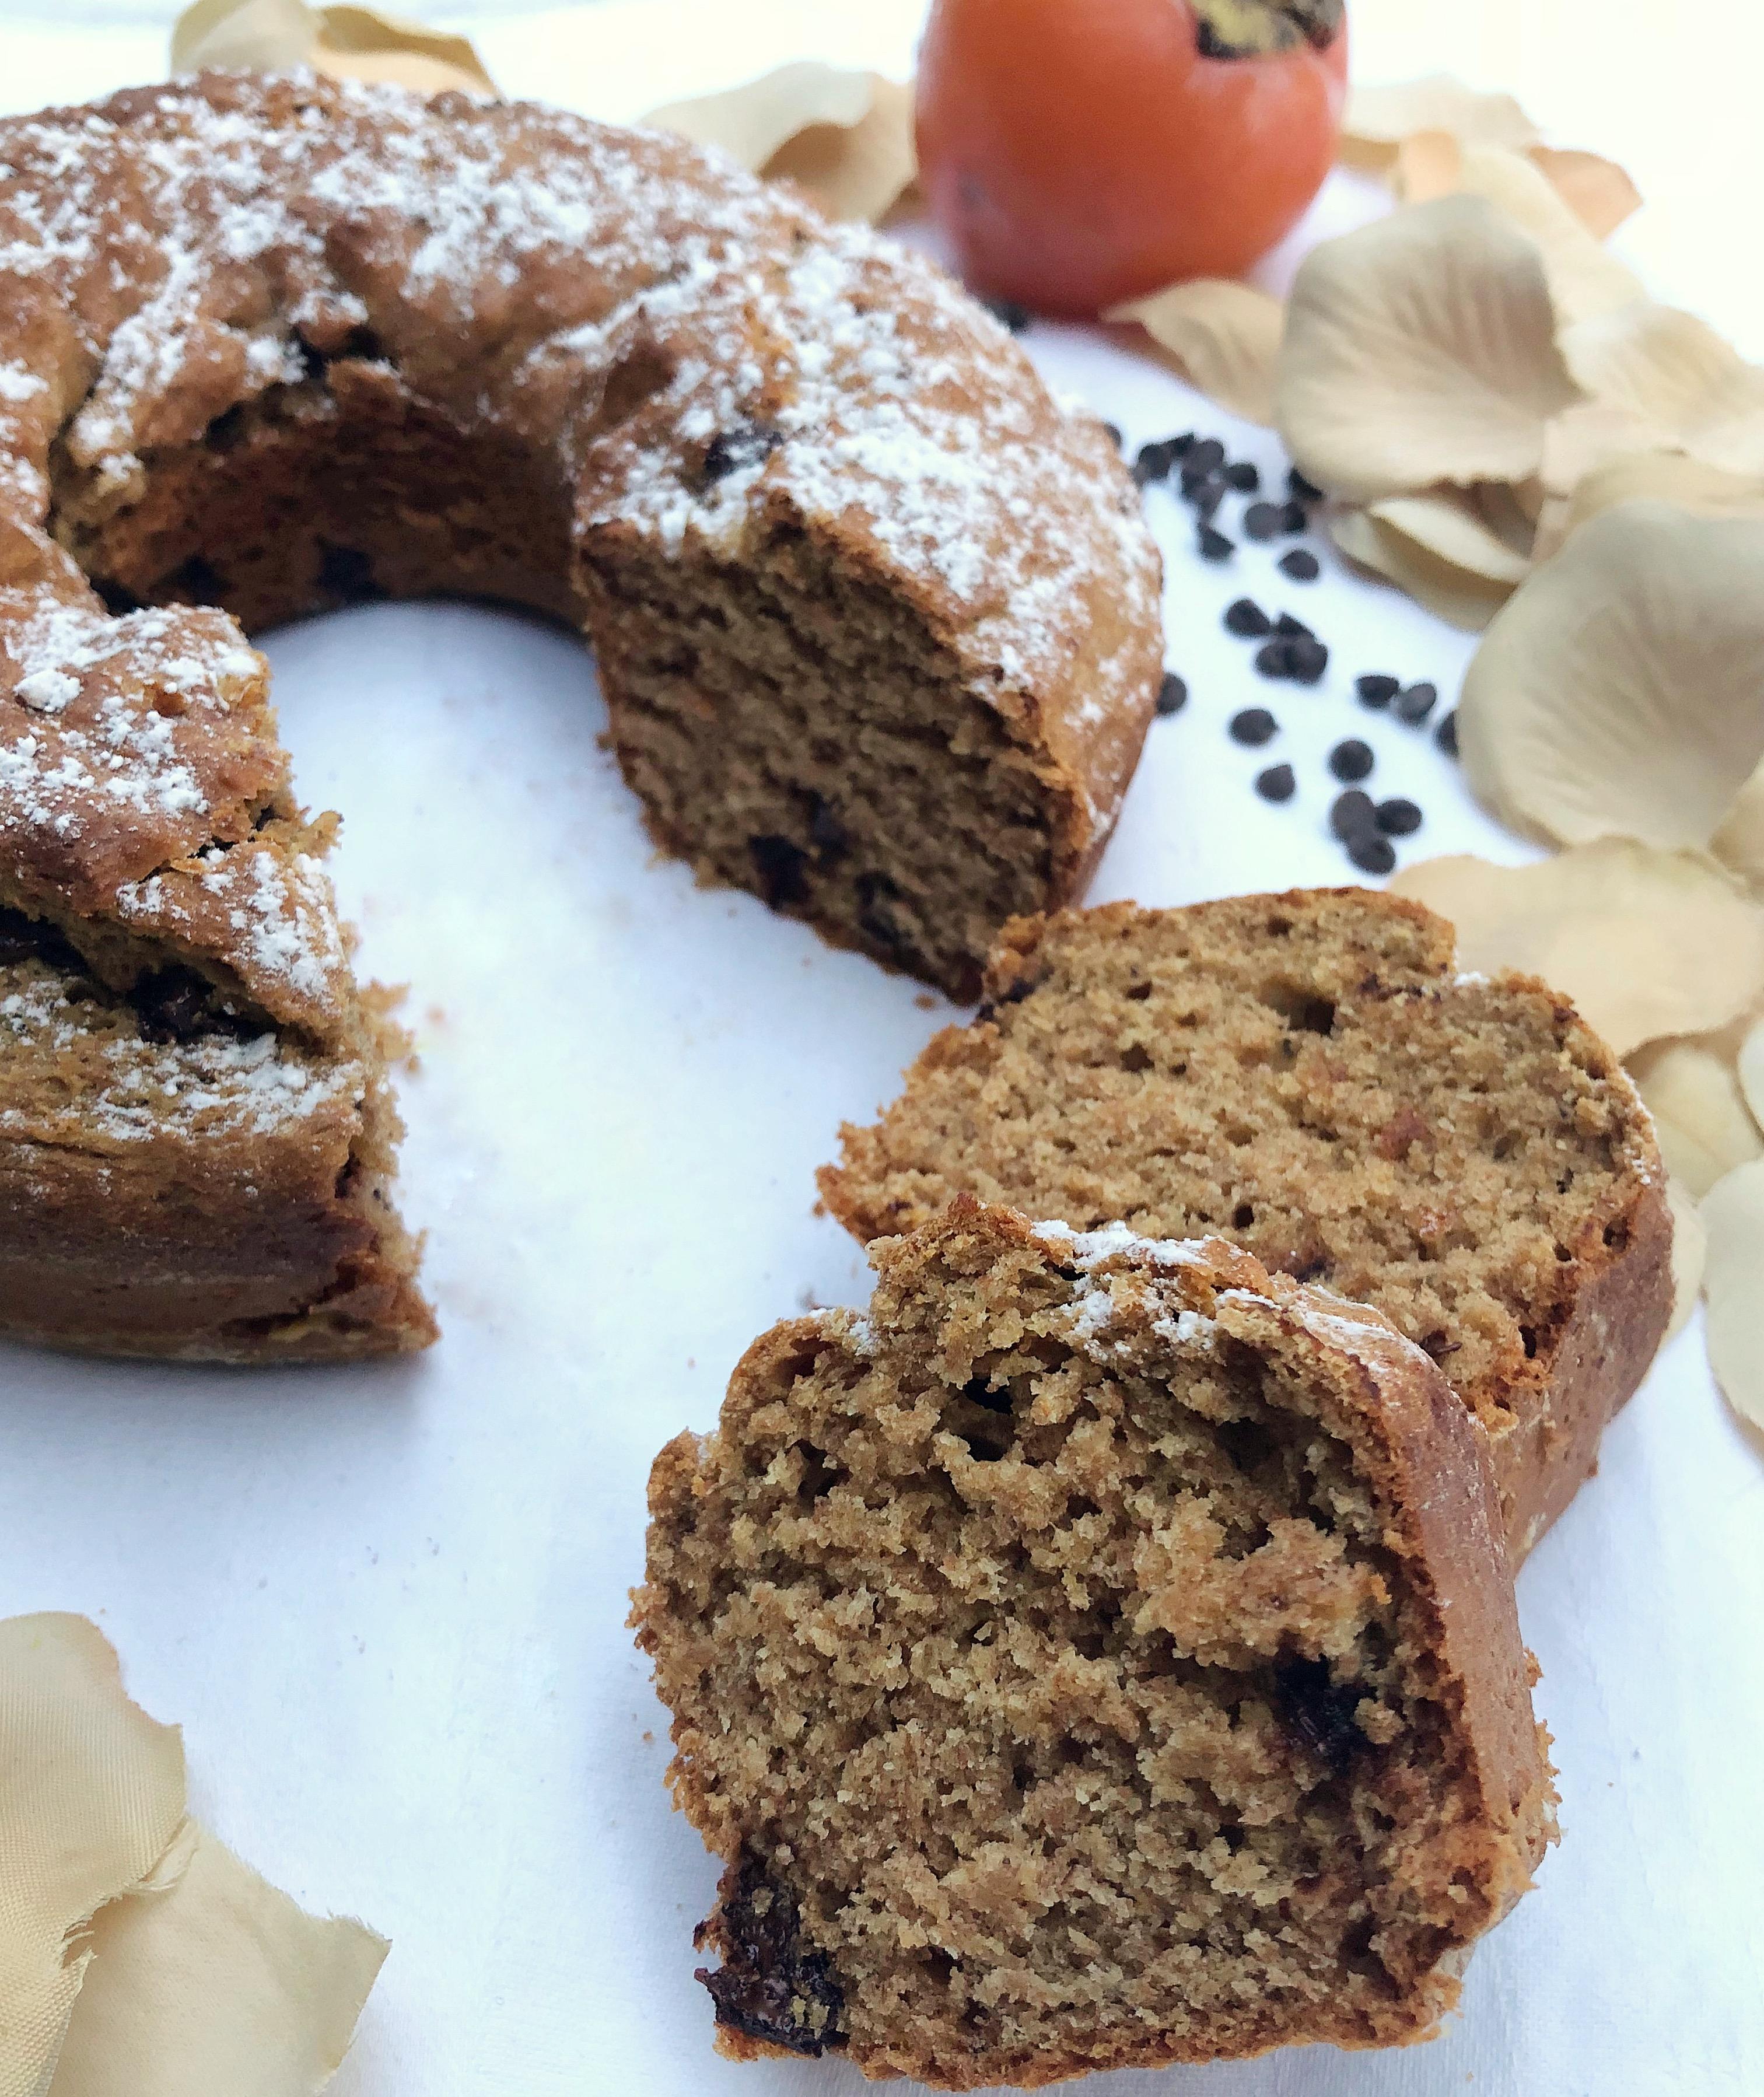 La Torta di Cachi Senza Burro, un dolce speciale di dolci senza burro